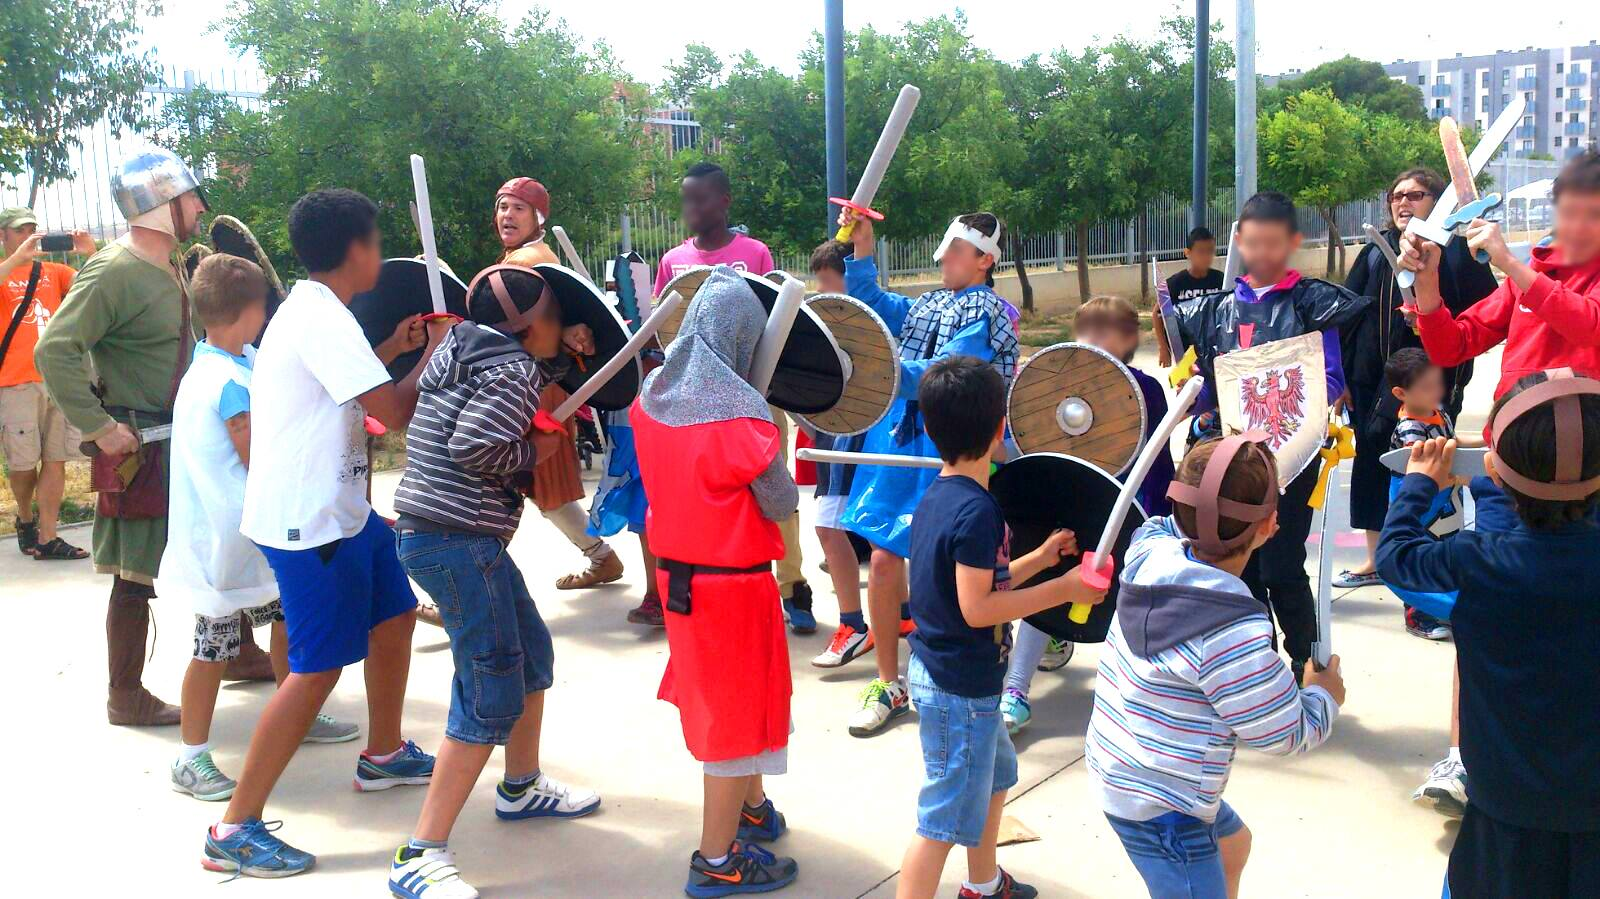 Entrenamiento de tropas en jornada multicultural colegio Valdespartera